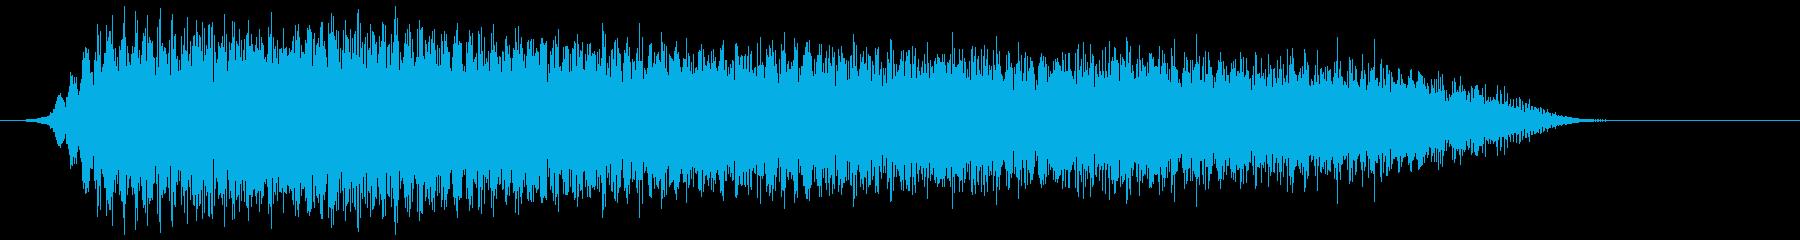 三連ホーン 長め(チープ) プァーの再生済みの波形